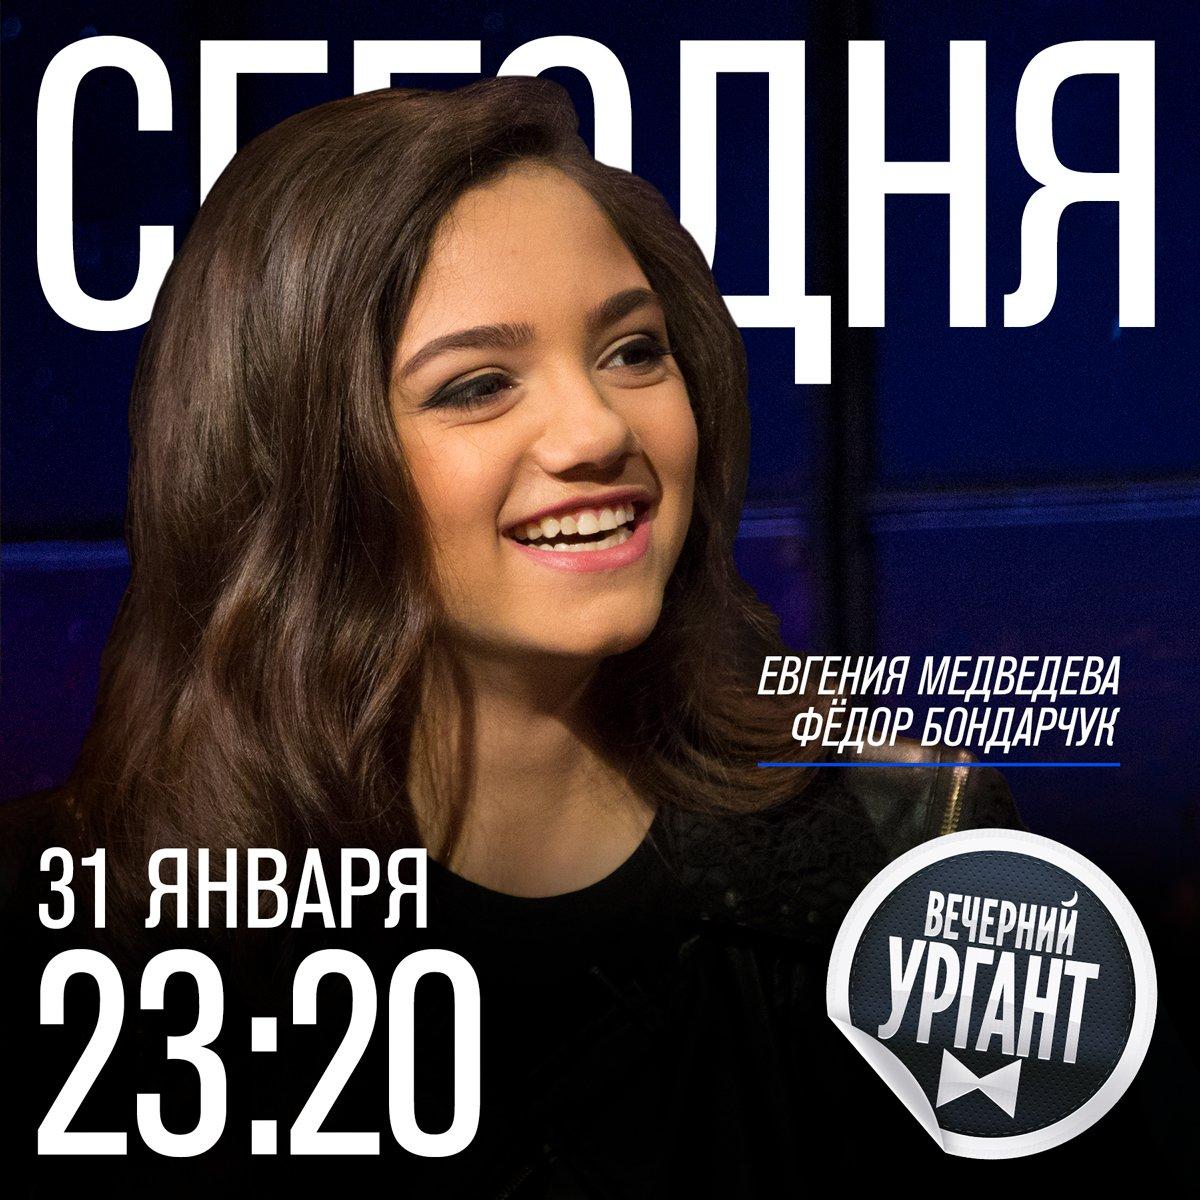 Евгения Медведева - 3 - Страница 25 C3hQvlBWMAAiIVT